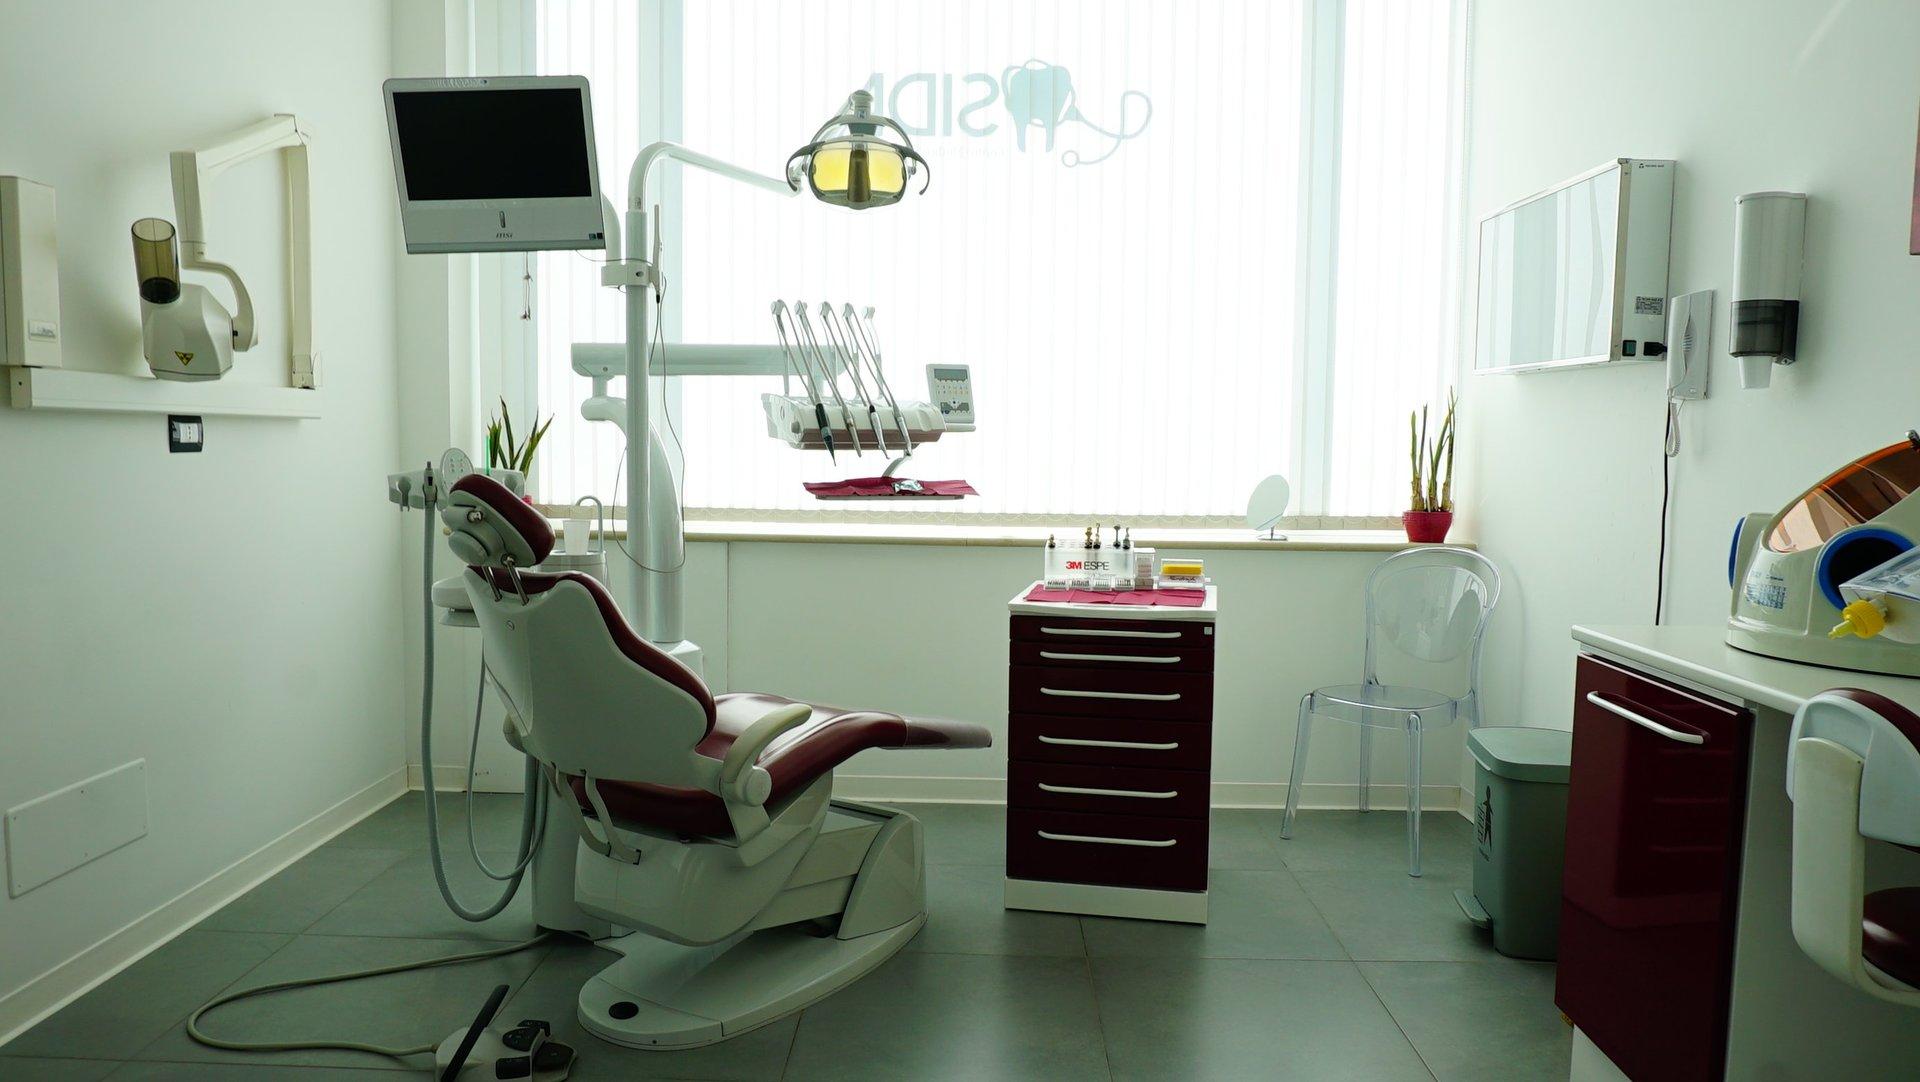 poltrona dentista con armadio e attrezzatura